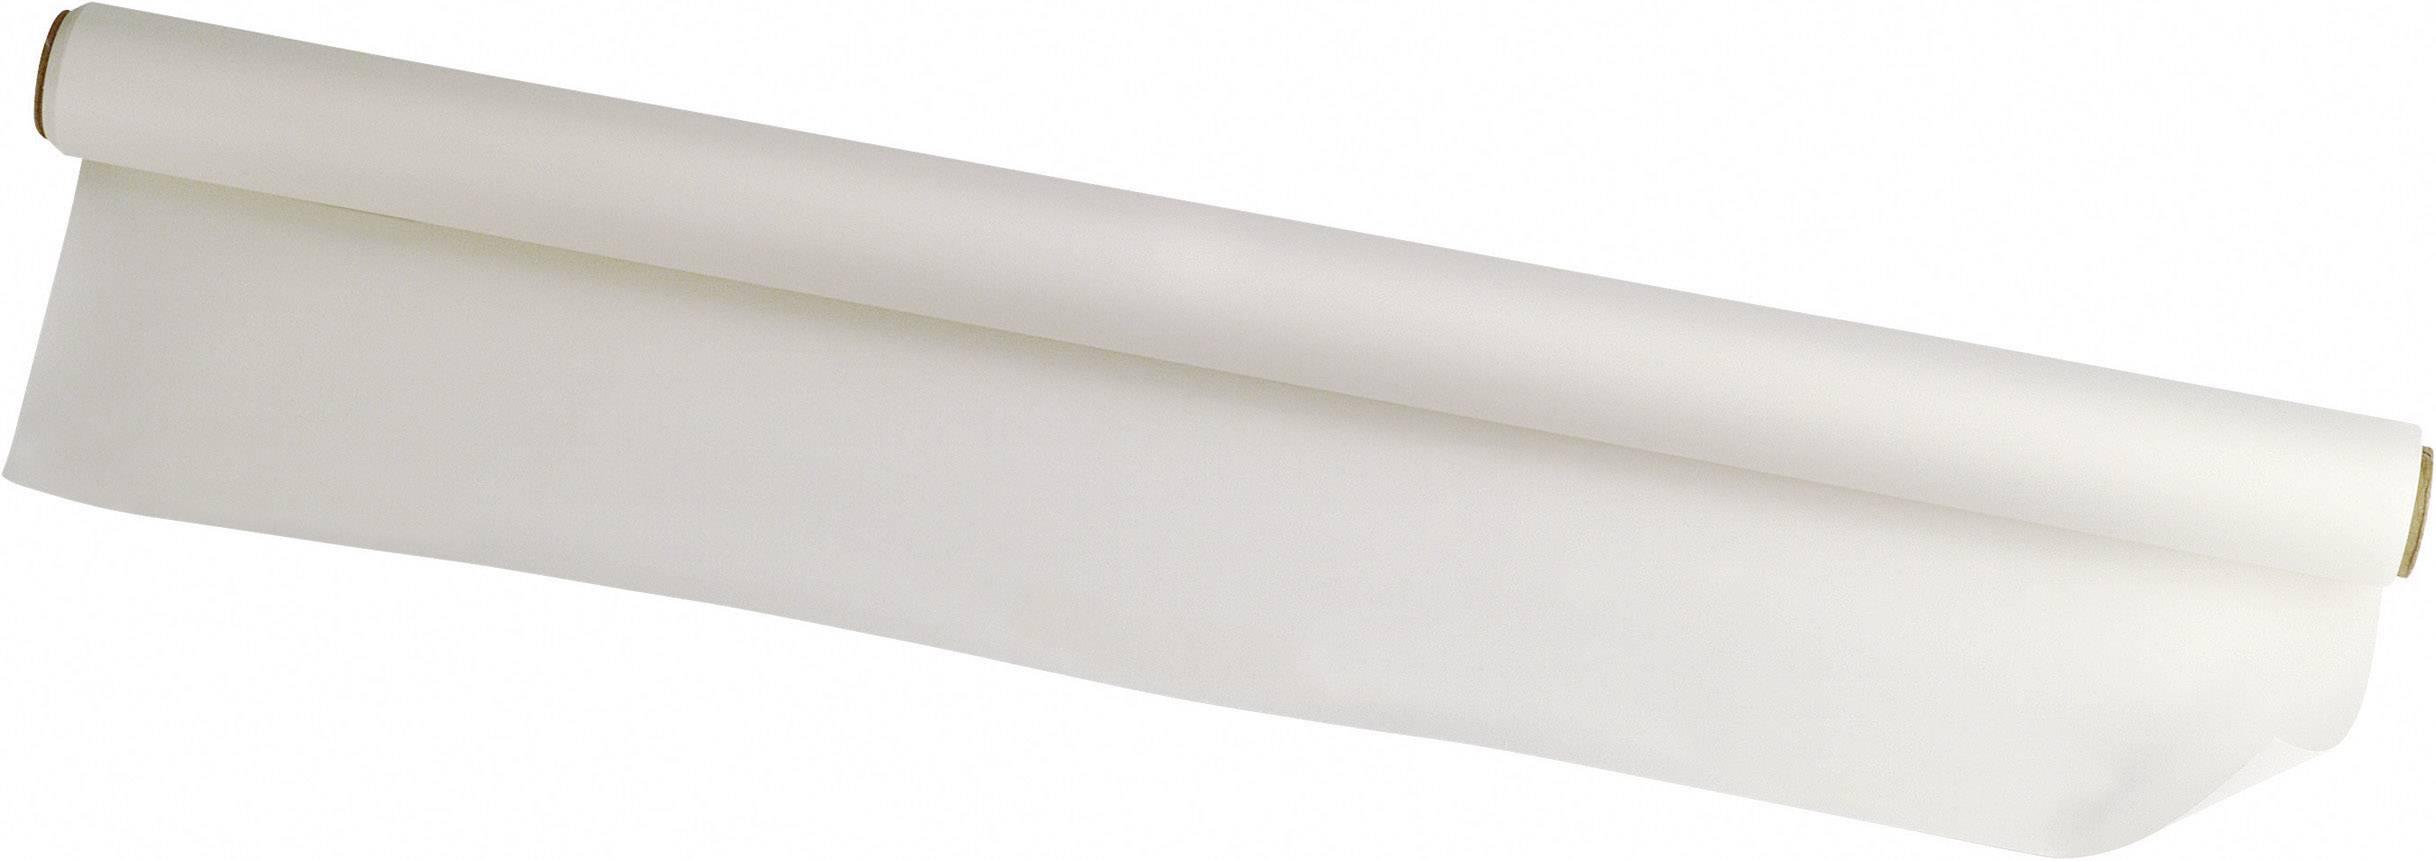 Žehlící potah Oratex, 2 x 0.6 m, bílá